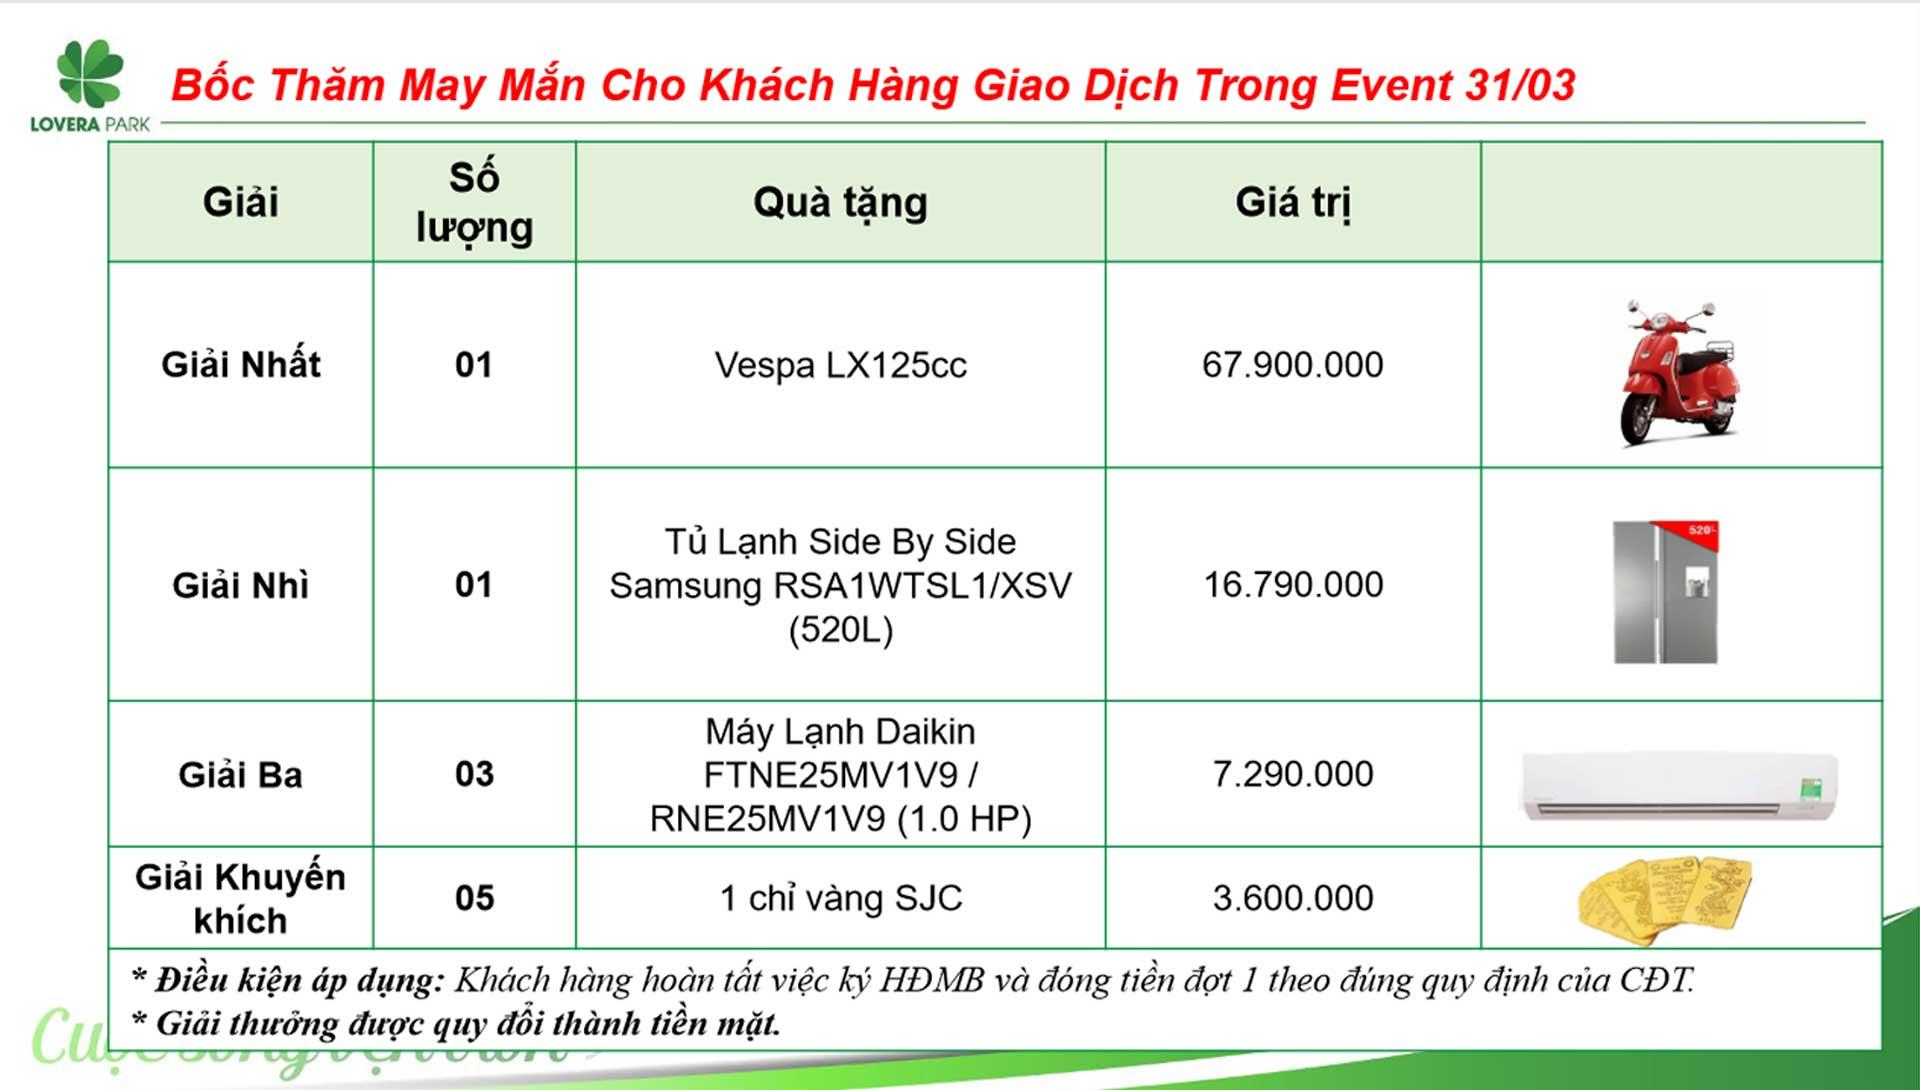 chính sách may mắn cho khách hàng mua trong ngày event Lovera Park